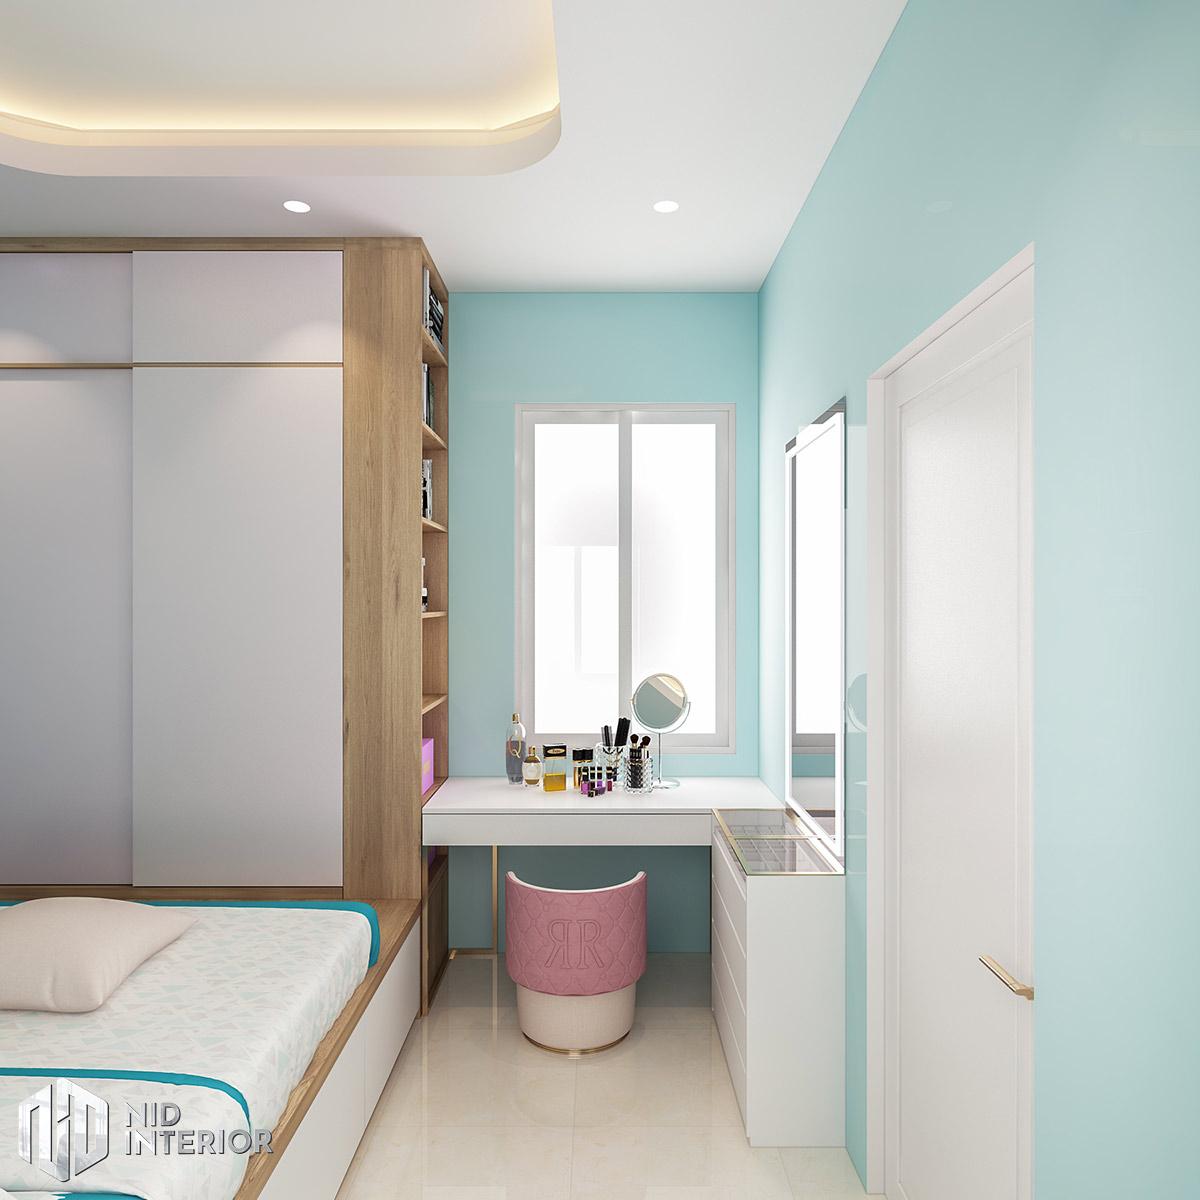 Thiết kế nội thất nhà phố Long An - Phòng ngủ 3